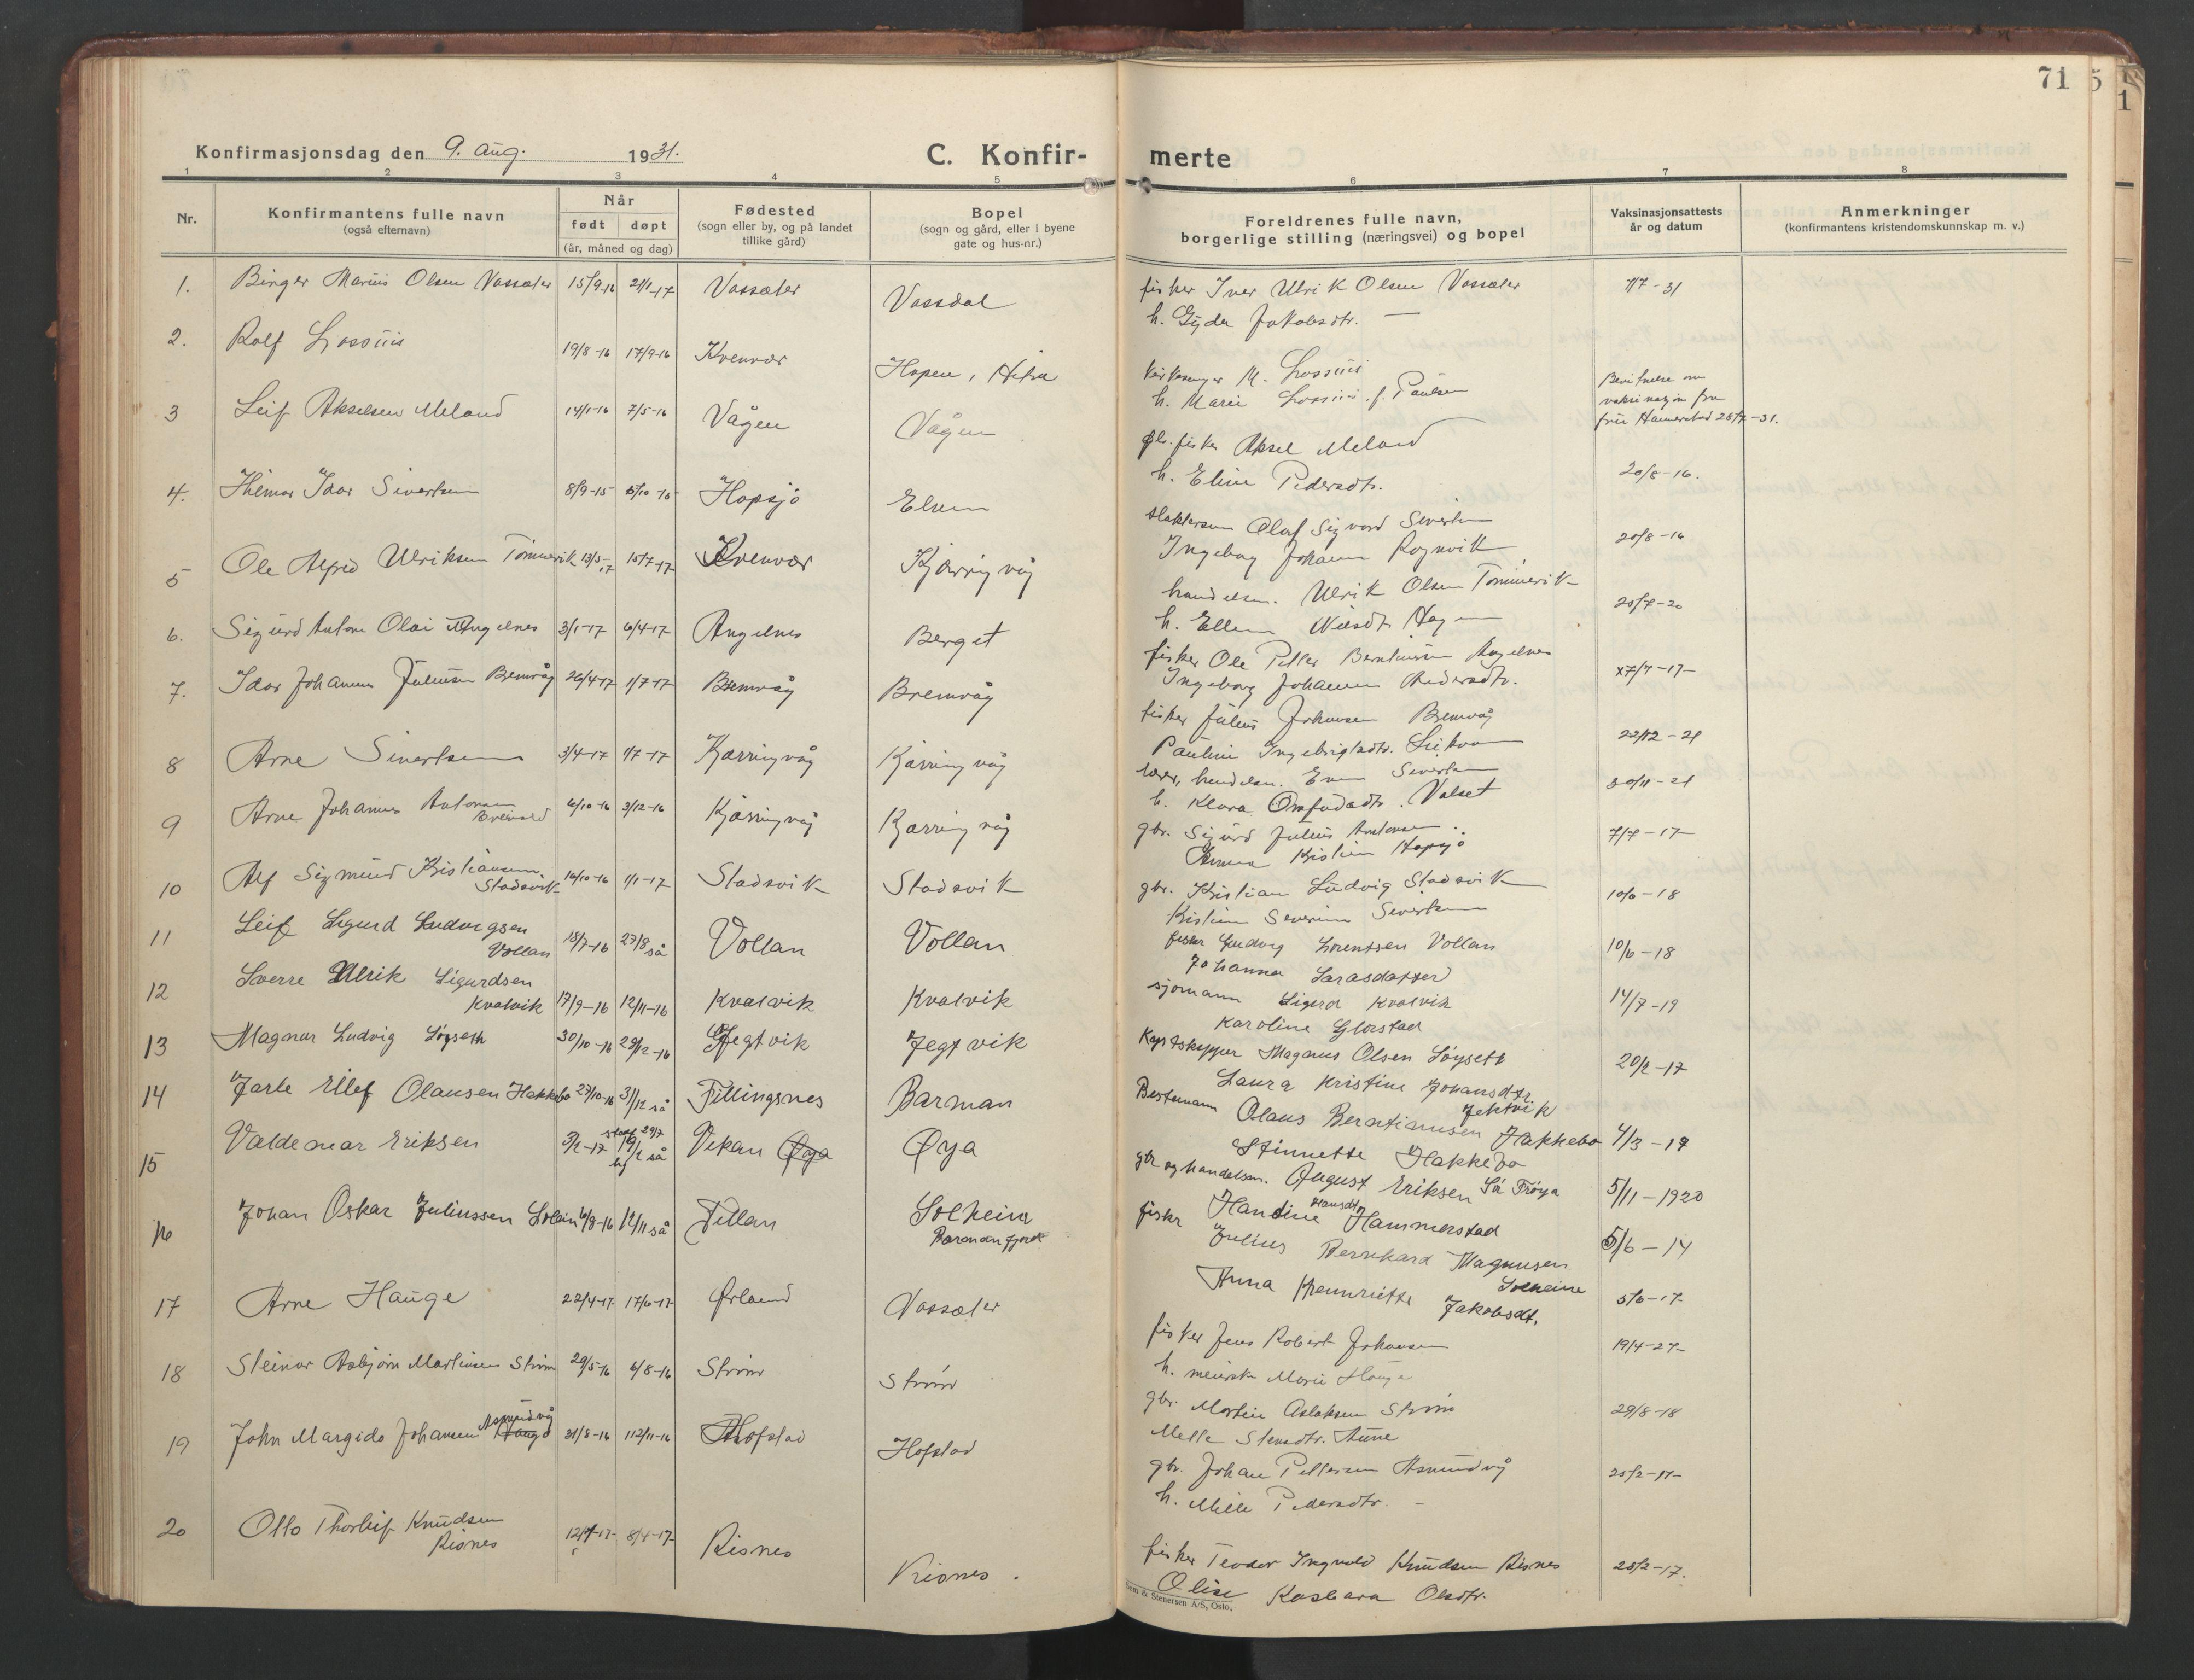 SAT, Ministerialprotokoller, klokkerbøker og fødselsregistre - Sør-Trøndelag, 634/L0544: Klokkerbok nr. 634C06, 1927-1948, s. 71